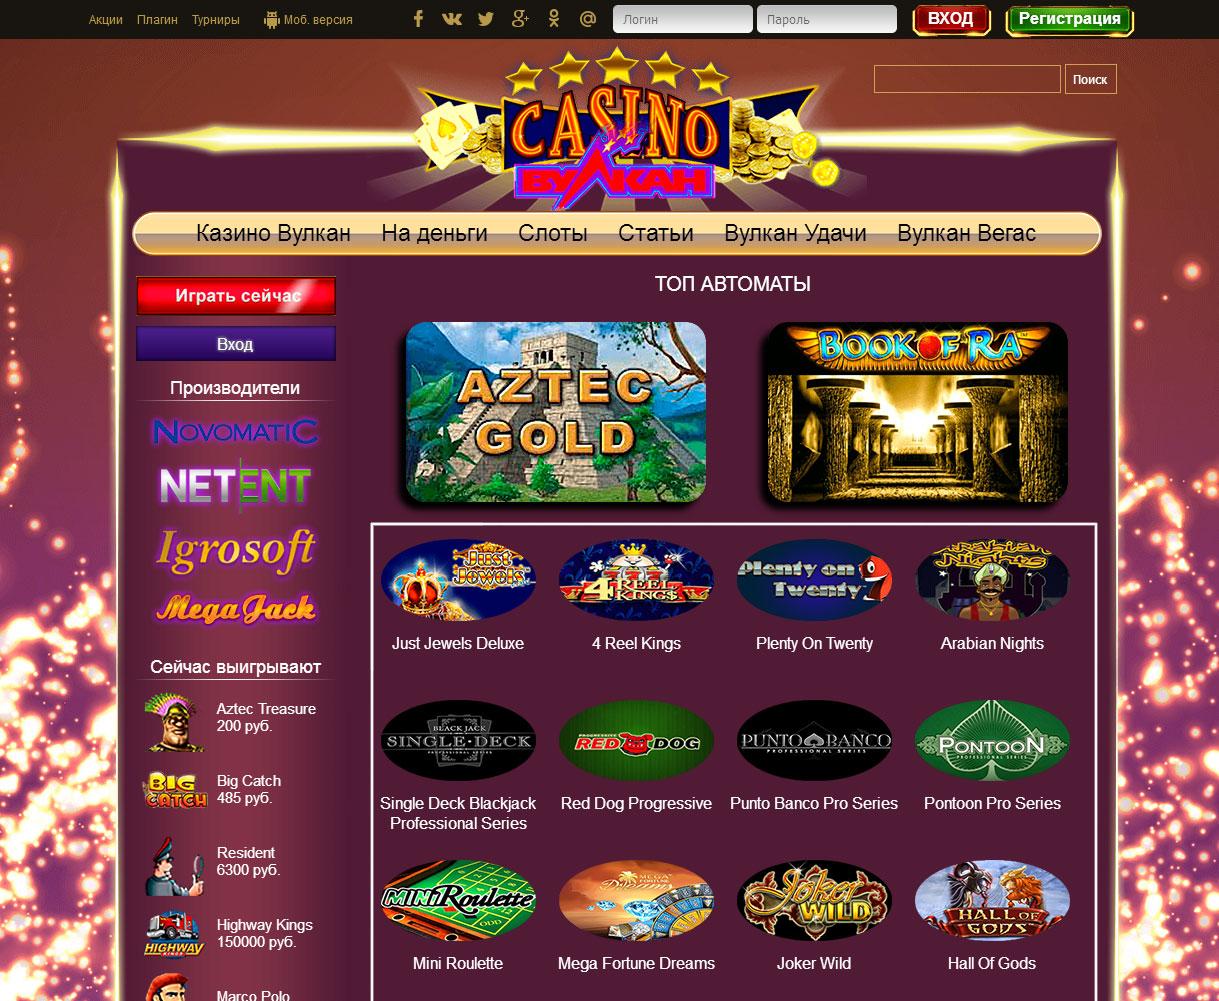 Клуб казино Вулкан - официальный сайт, играть в автоматы ...